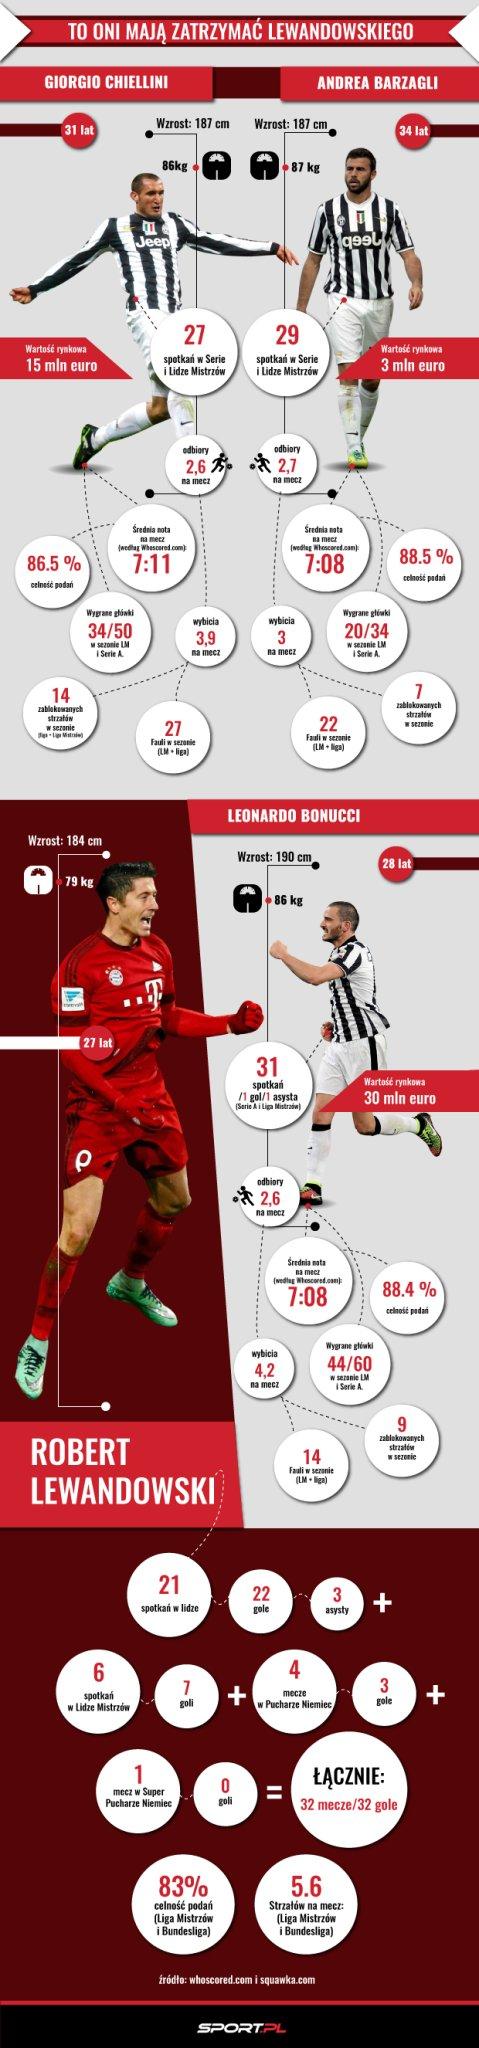 Statystyki obrońców Juventusu i Lewandowskiego